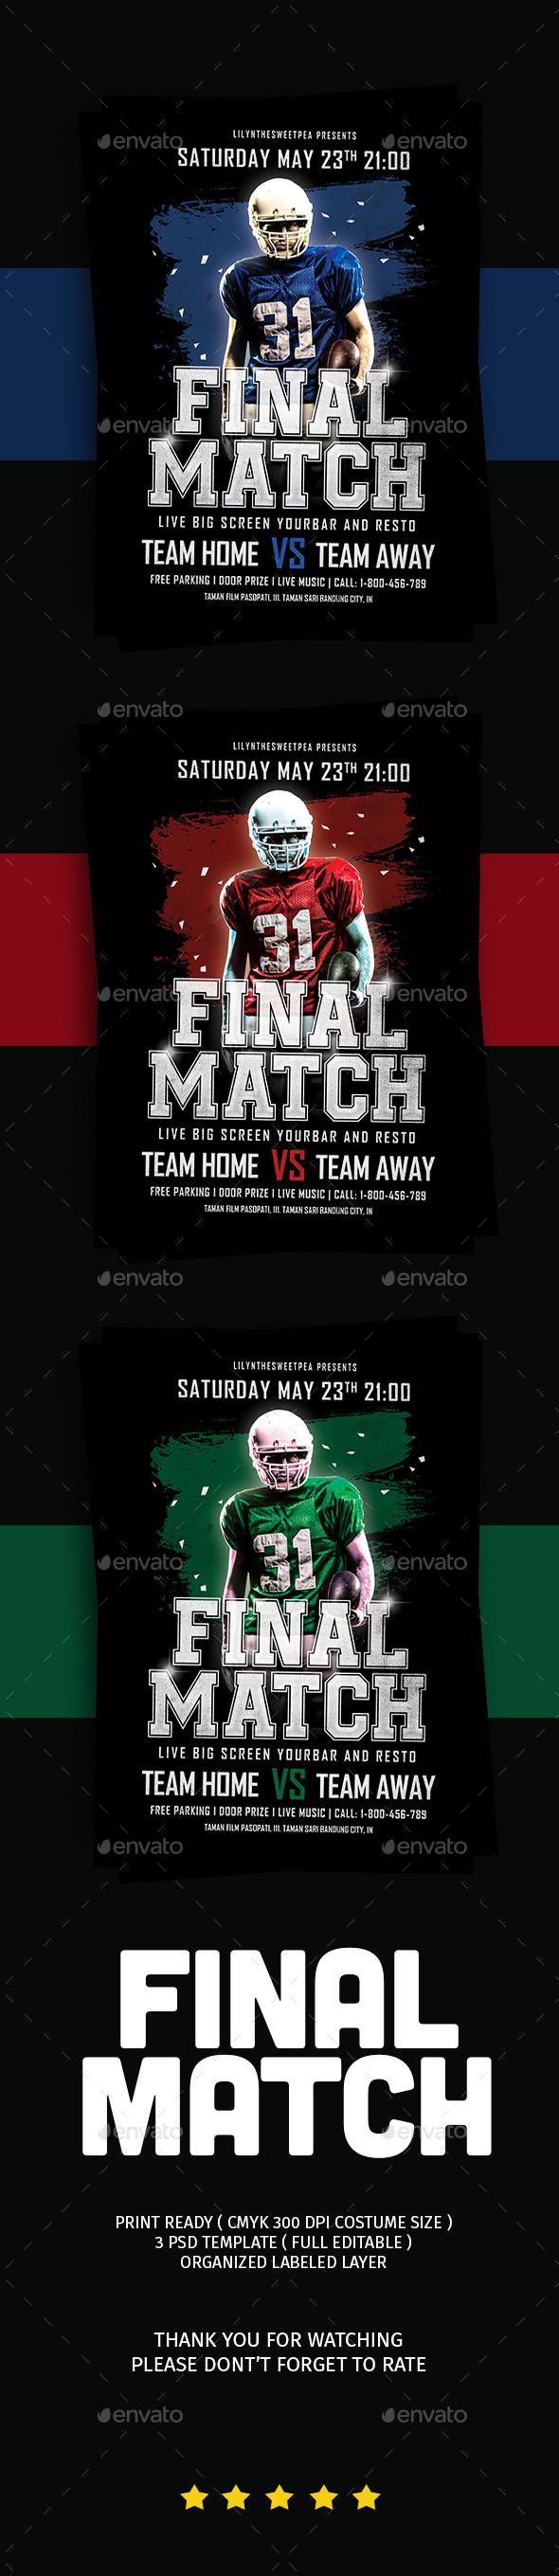 Final Match Football Flyer - Flyers Print Templates